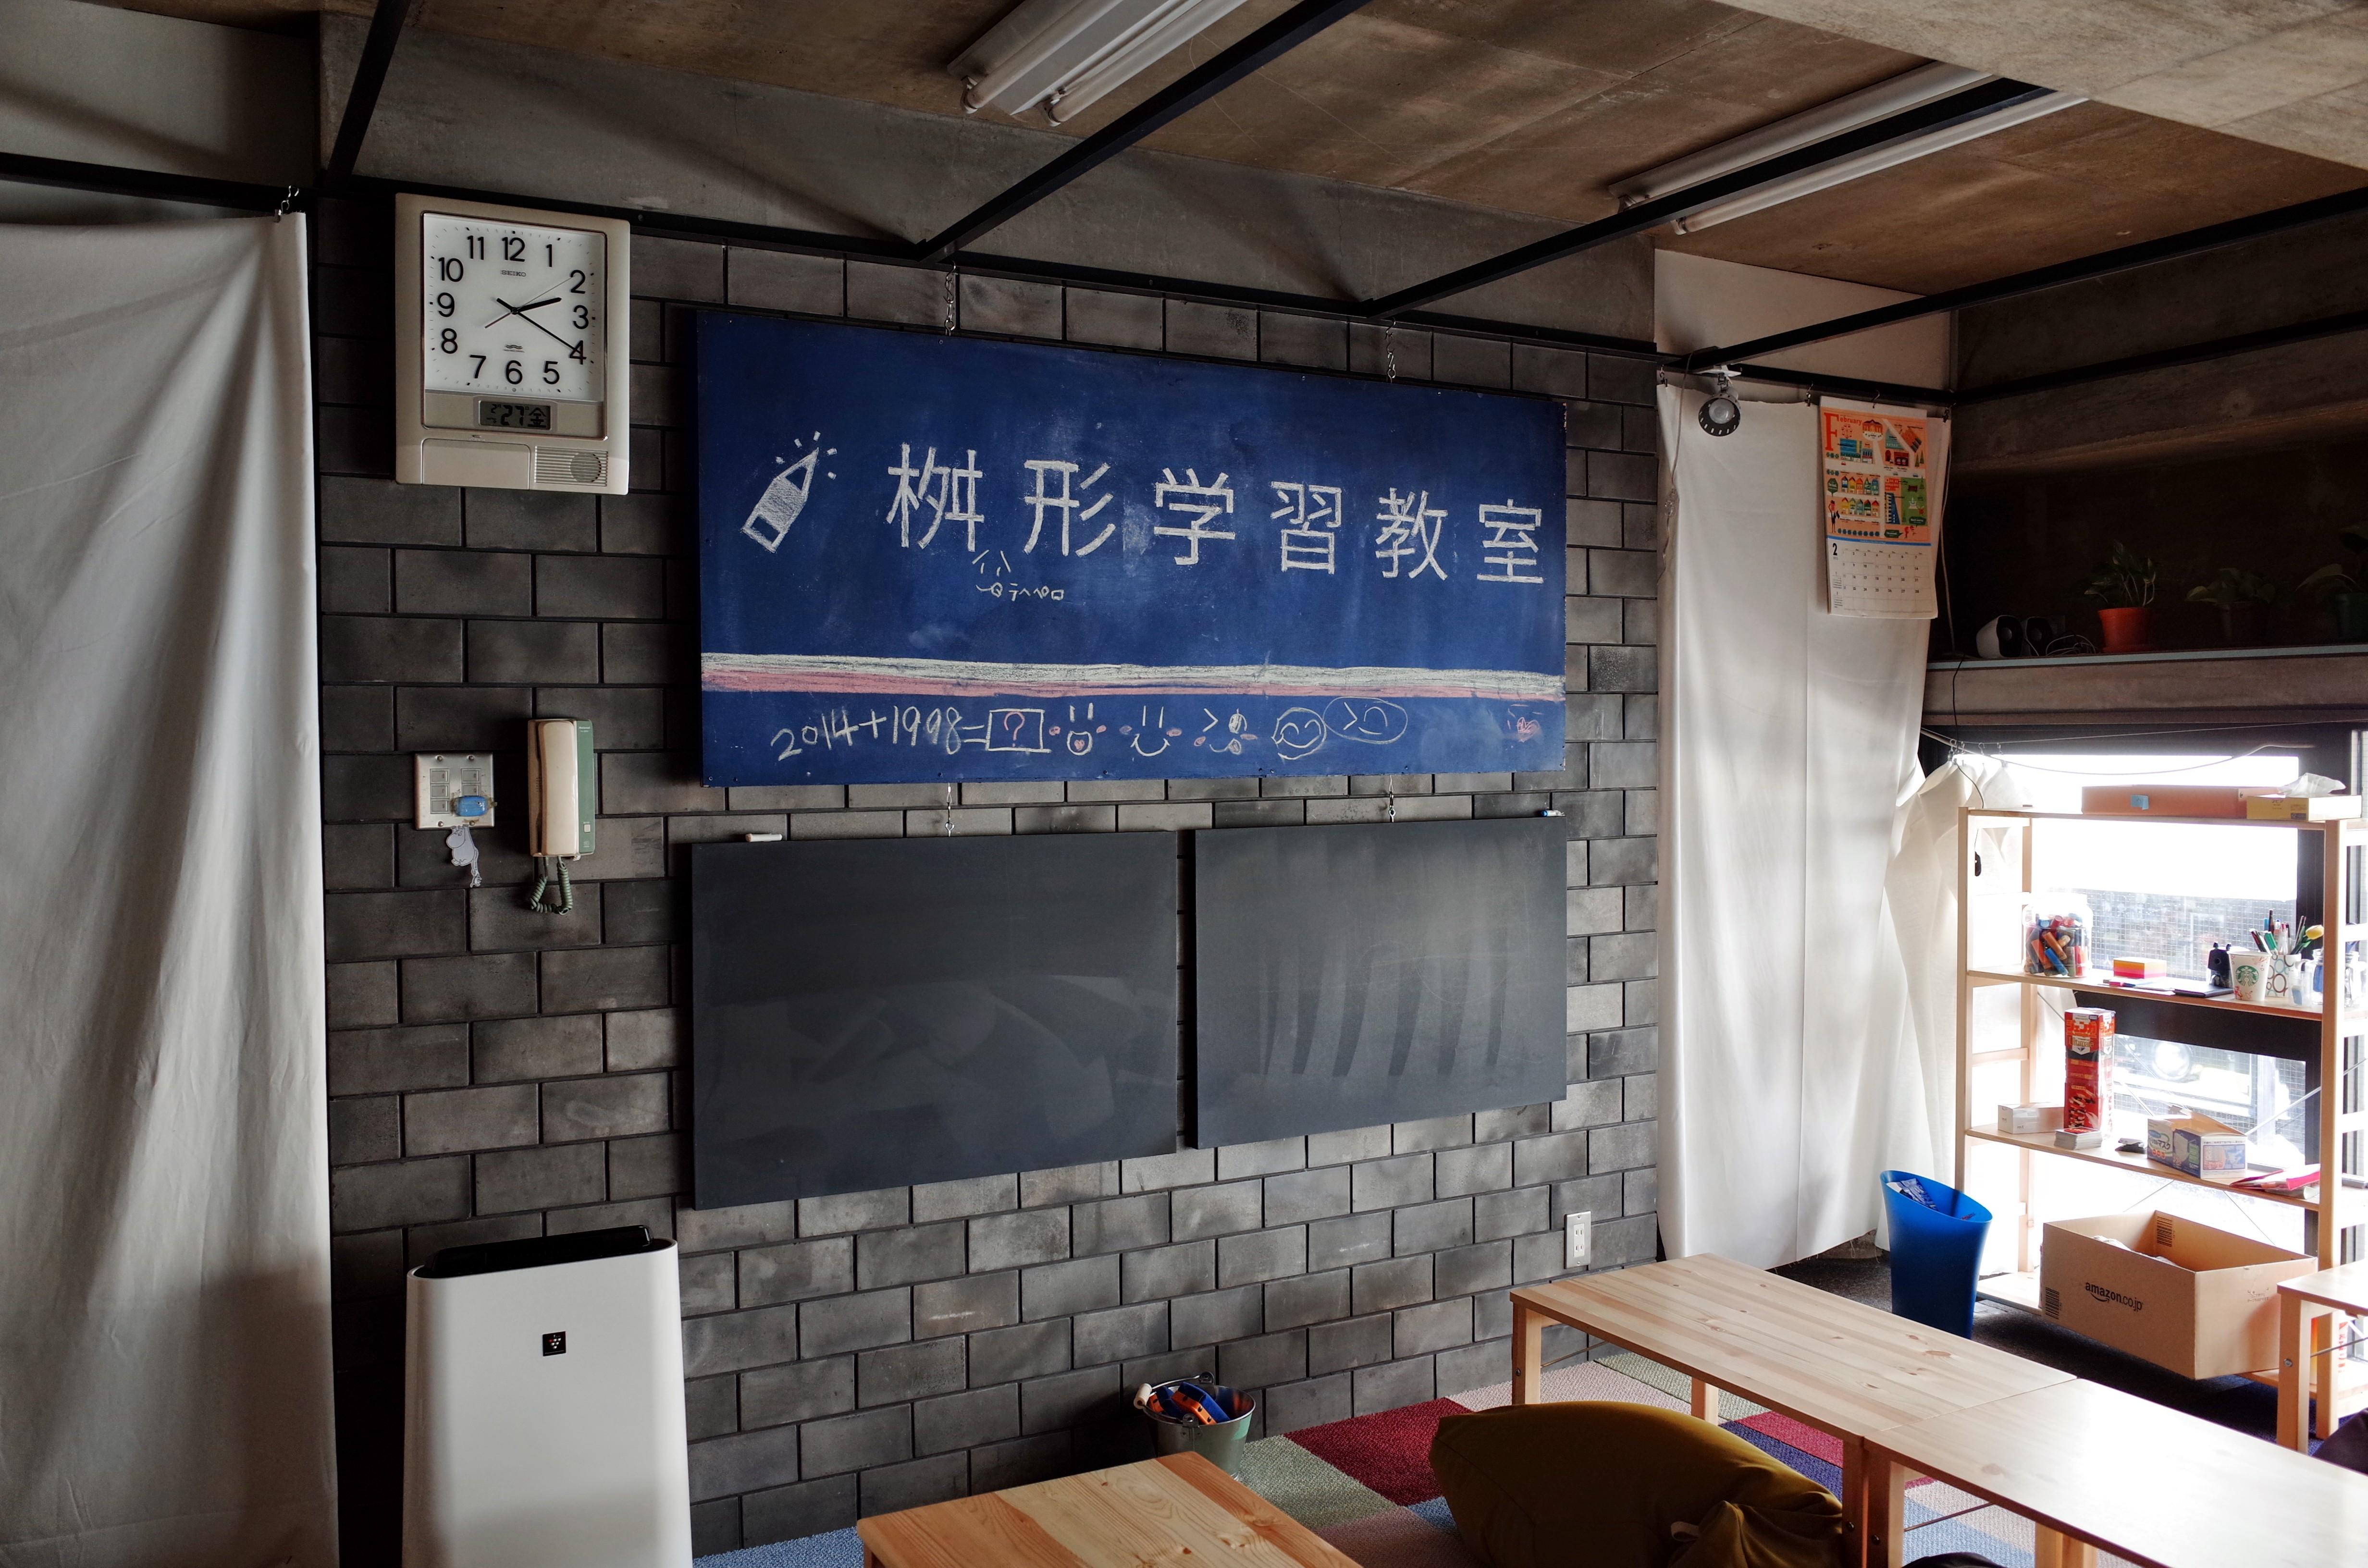 上京中学1学期末定期テスト対策について